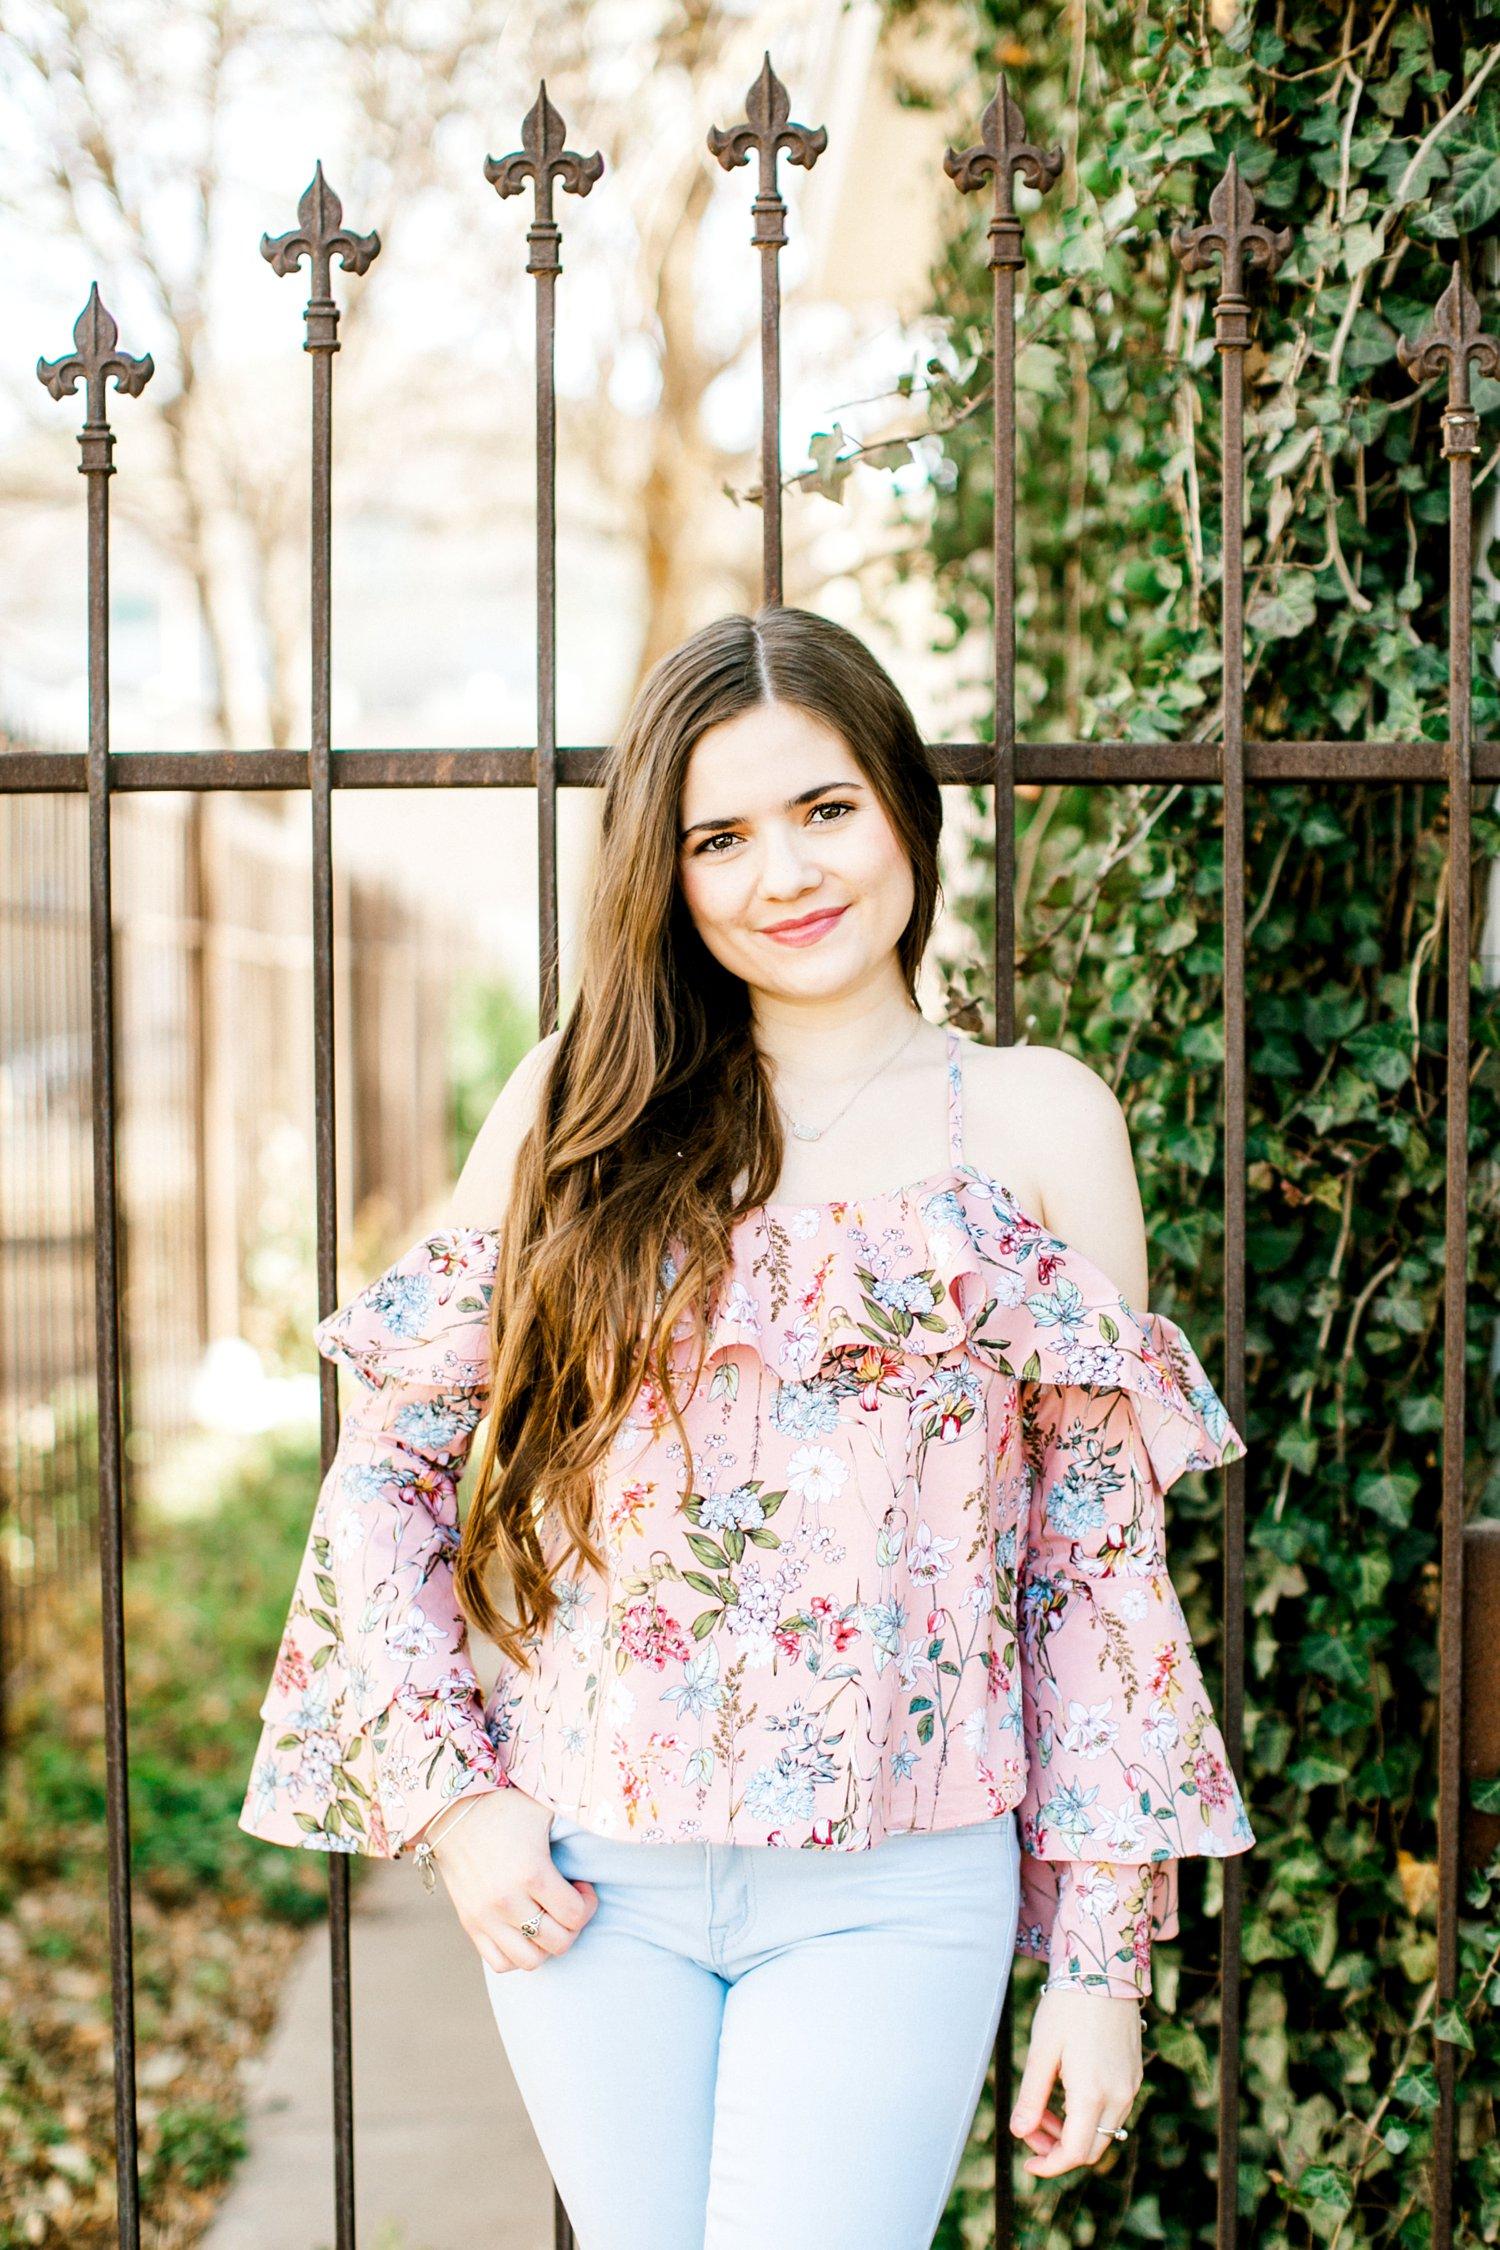 Emma-Stapleton-High-School-Senior-Photographer-Lubbock_0001.jpg